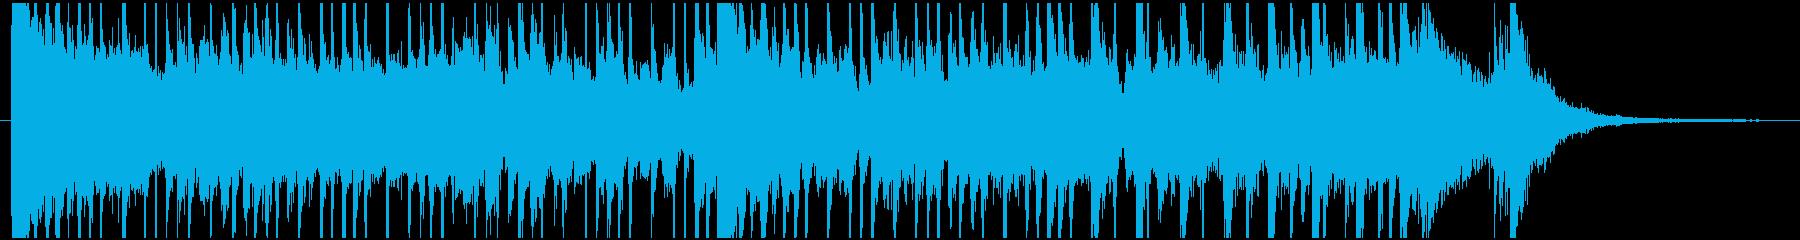 ED風の可愛いアニメ系ポップジングルの再生済みの波形